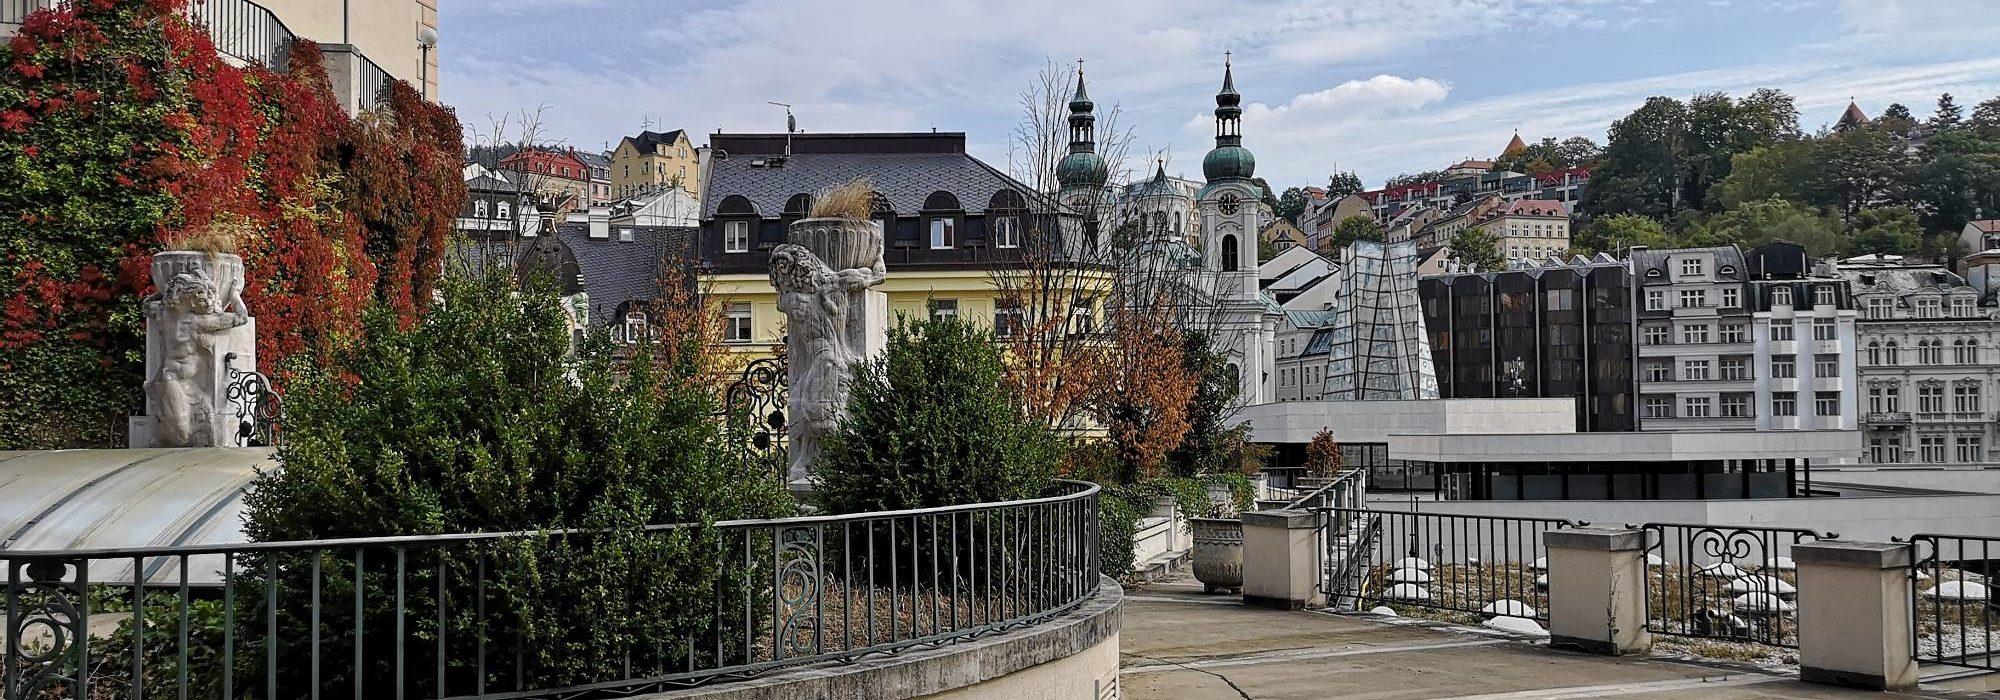 Blick auf die Marien-Magdalenenkirche von oberhalb der Kolonnaden